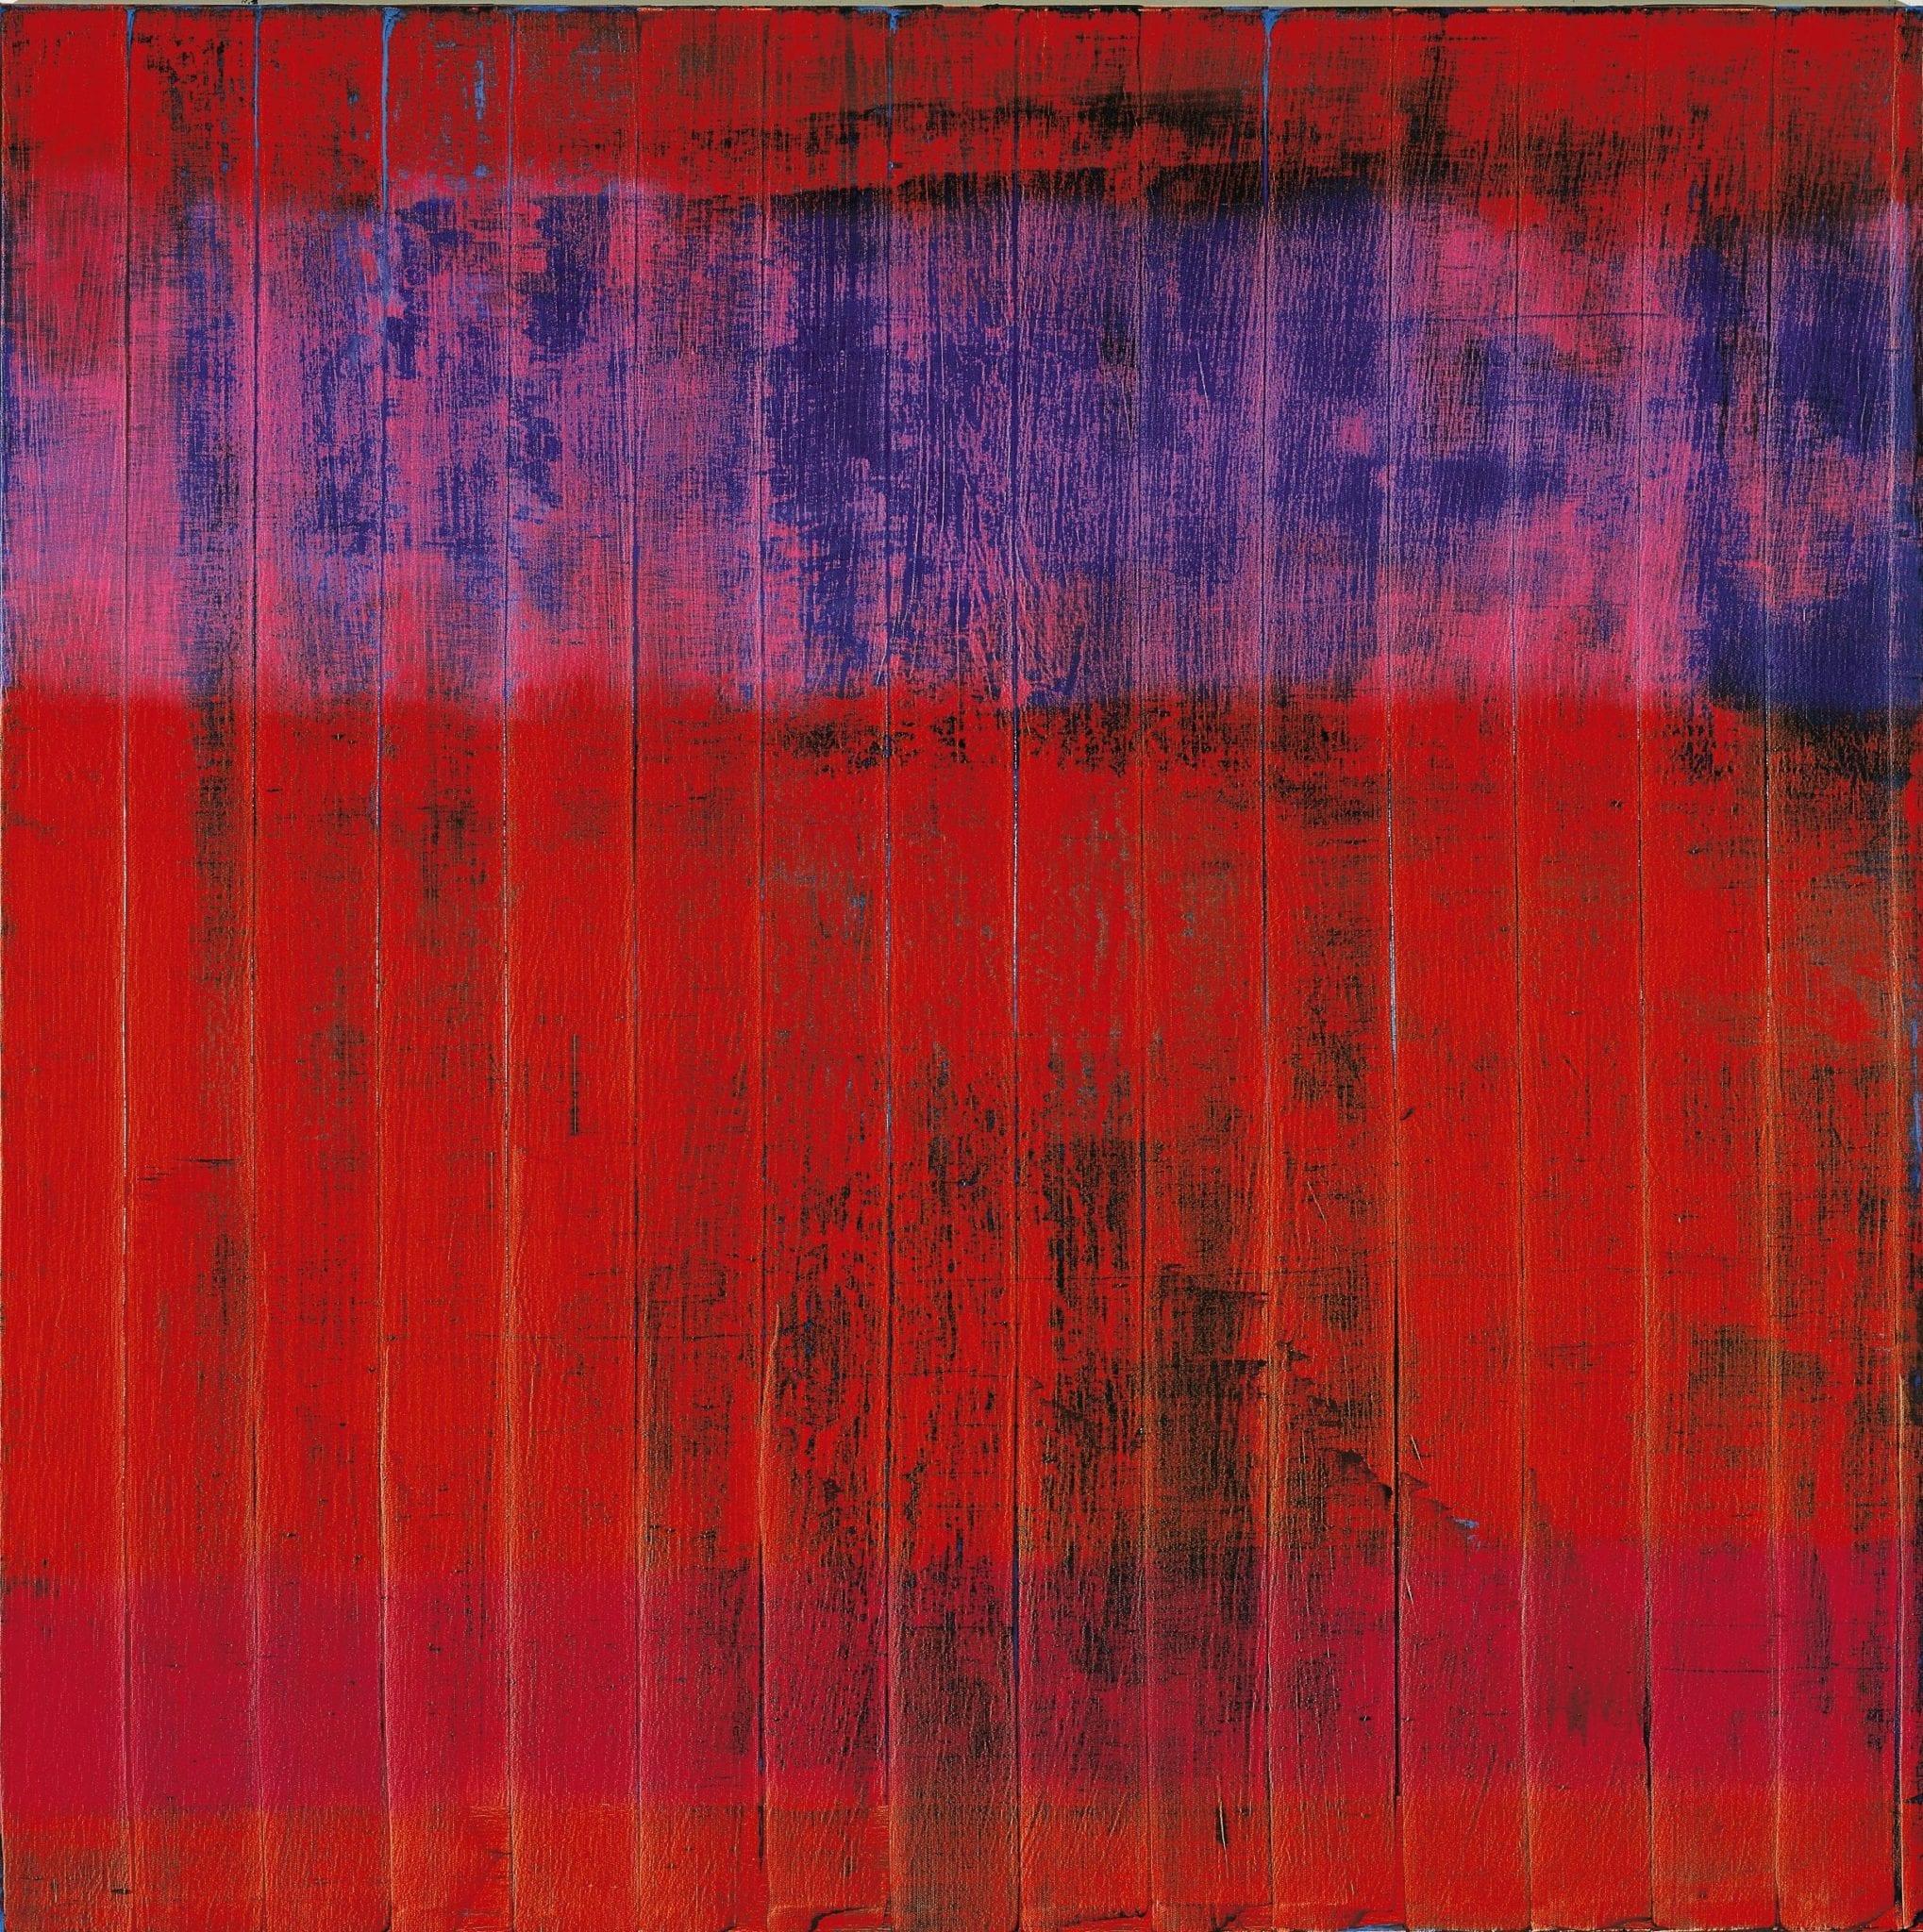 La migliore opera di Richter all'asta da Sotheby's